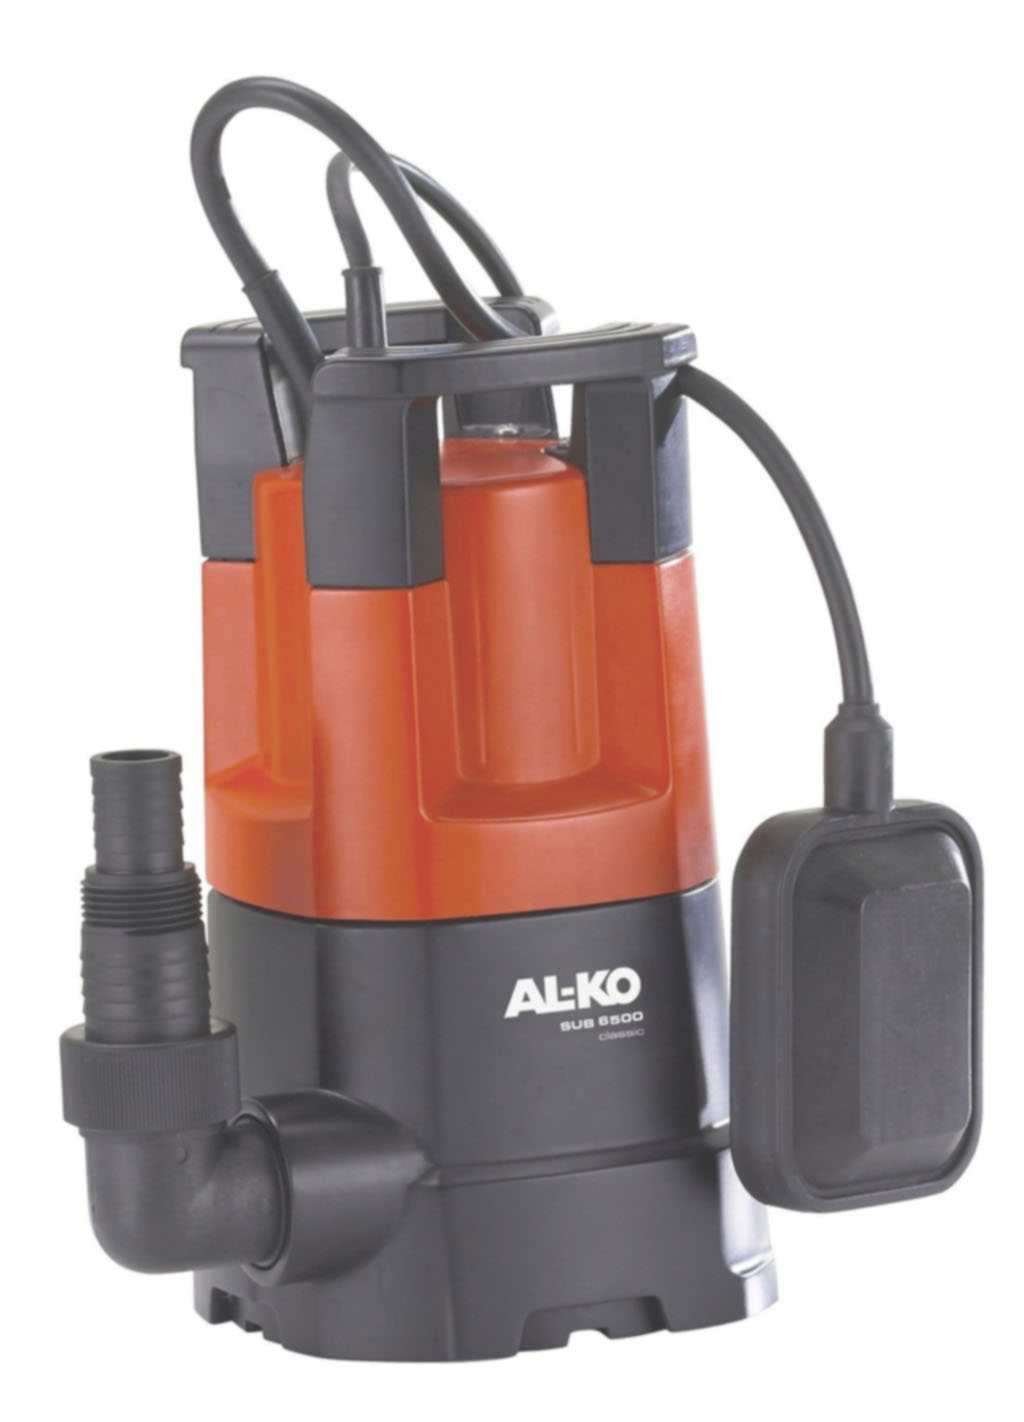 AL-KO SUB 6500 CLASSIC Ponorné čerpadlo na čistou vodu 250W 112820